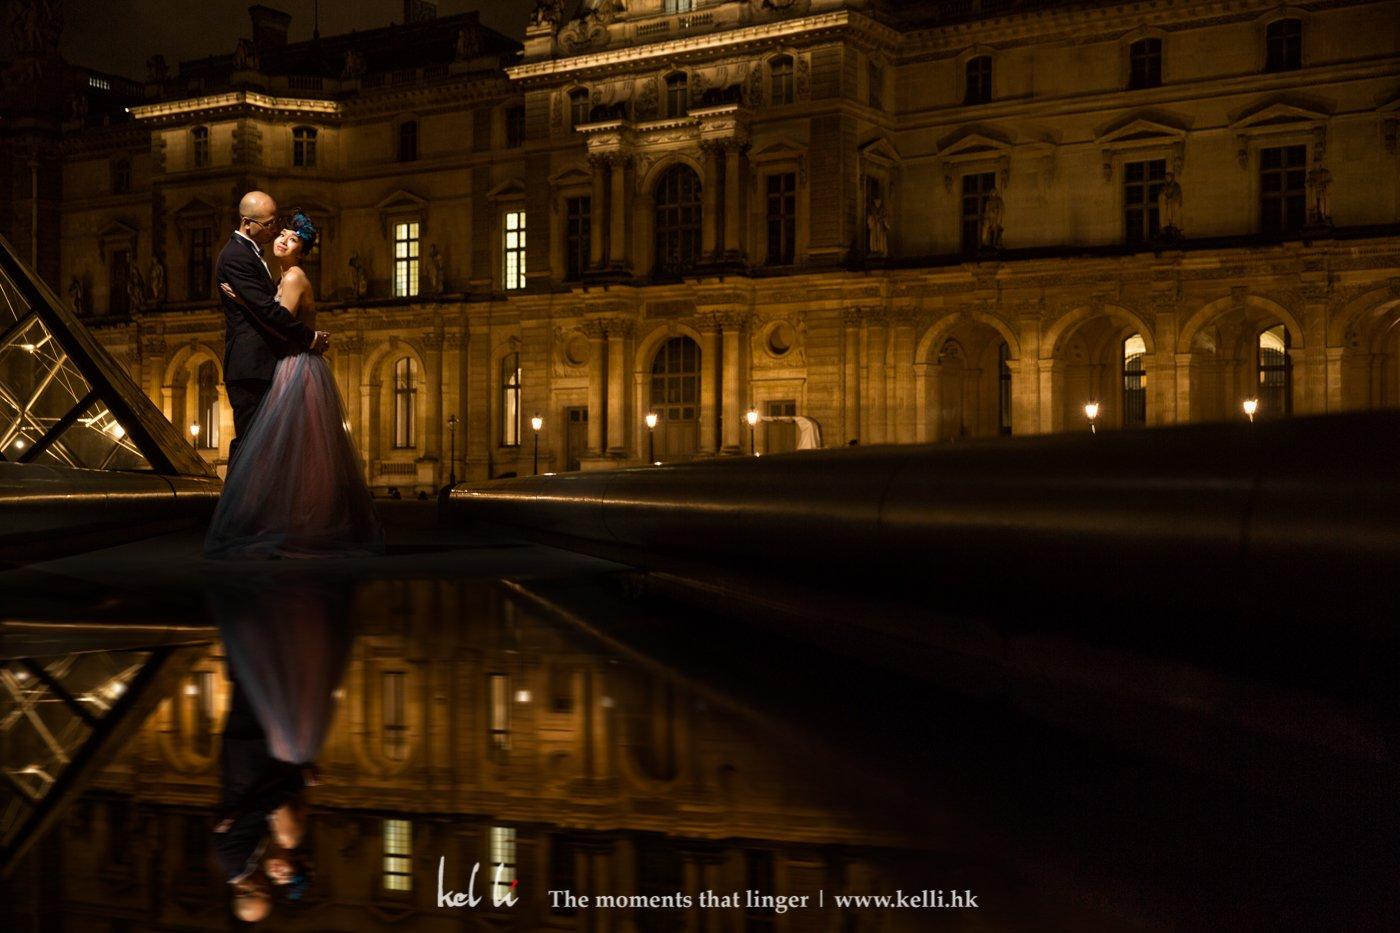 新人在羅浮宮的例影